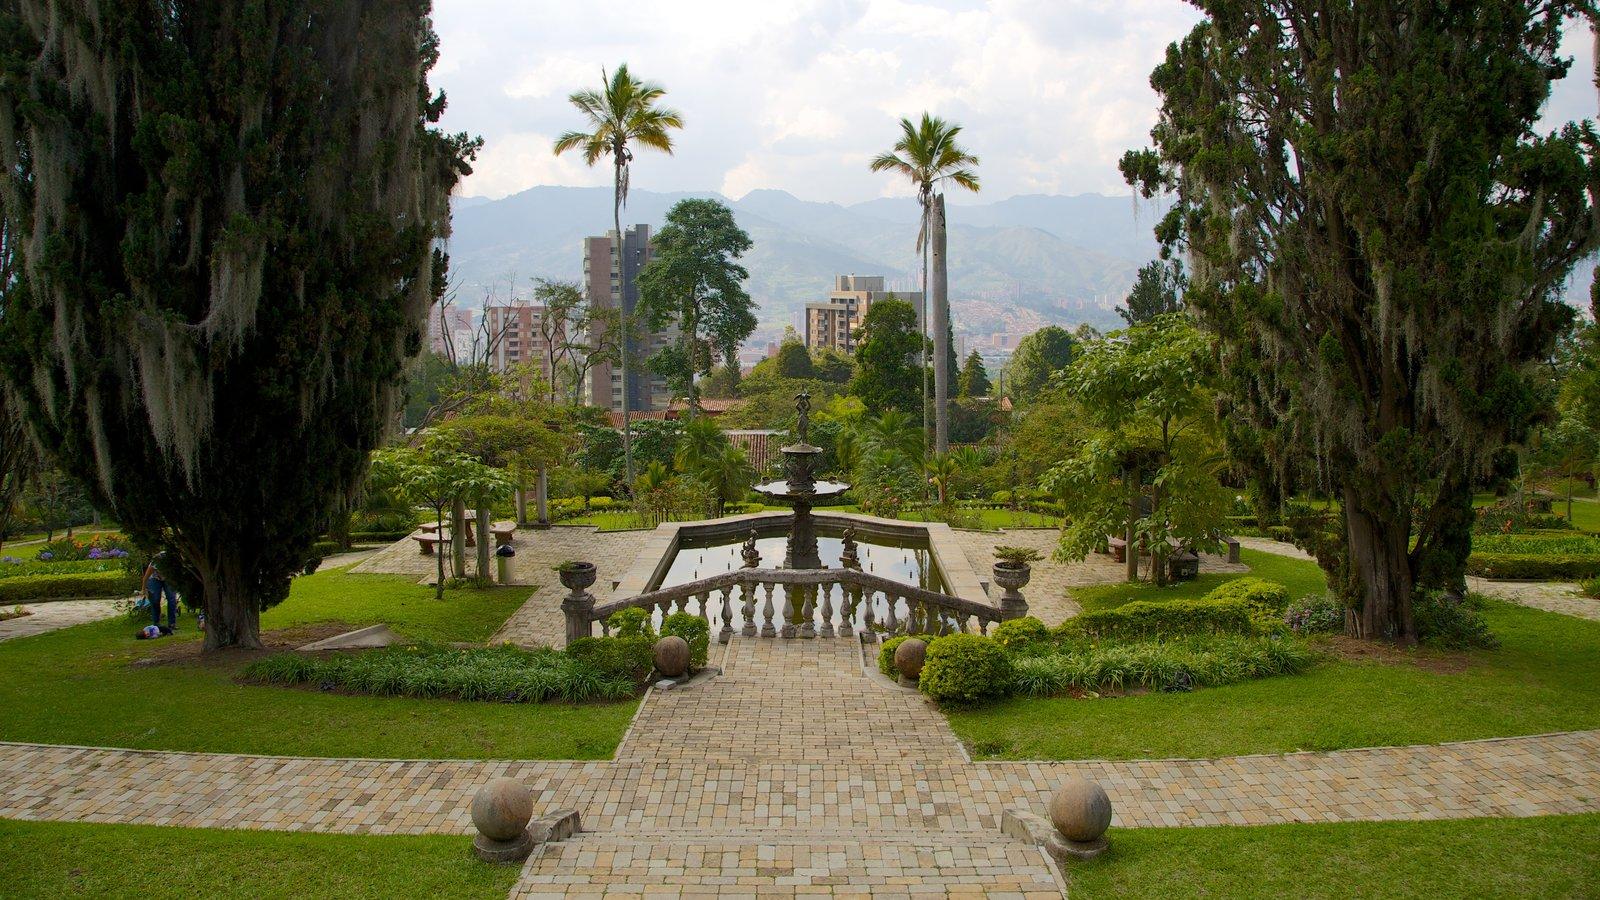 Museo El Castillo que inclui um jardim, uma fonte e um castelo